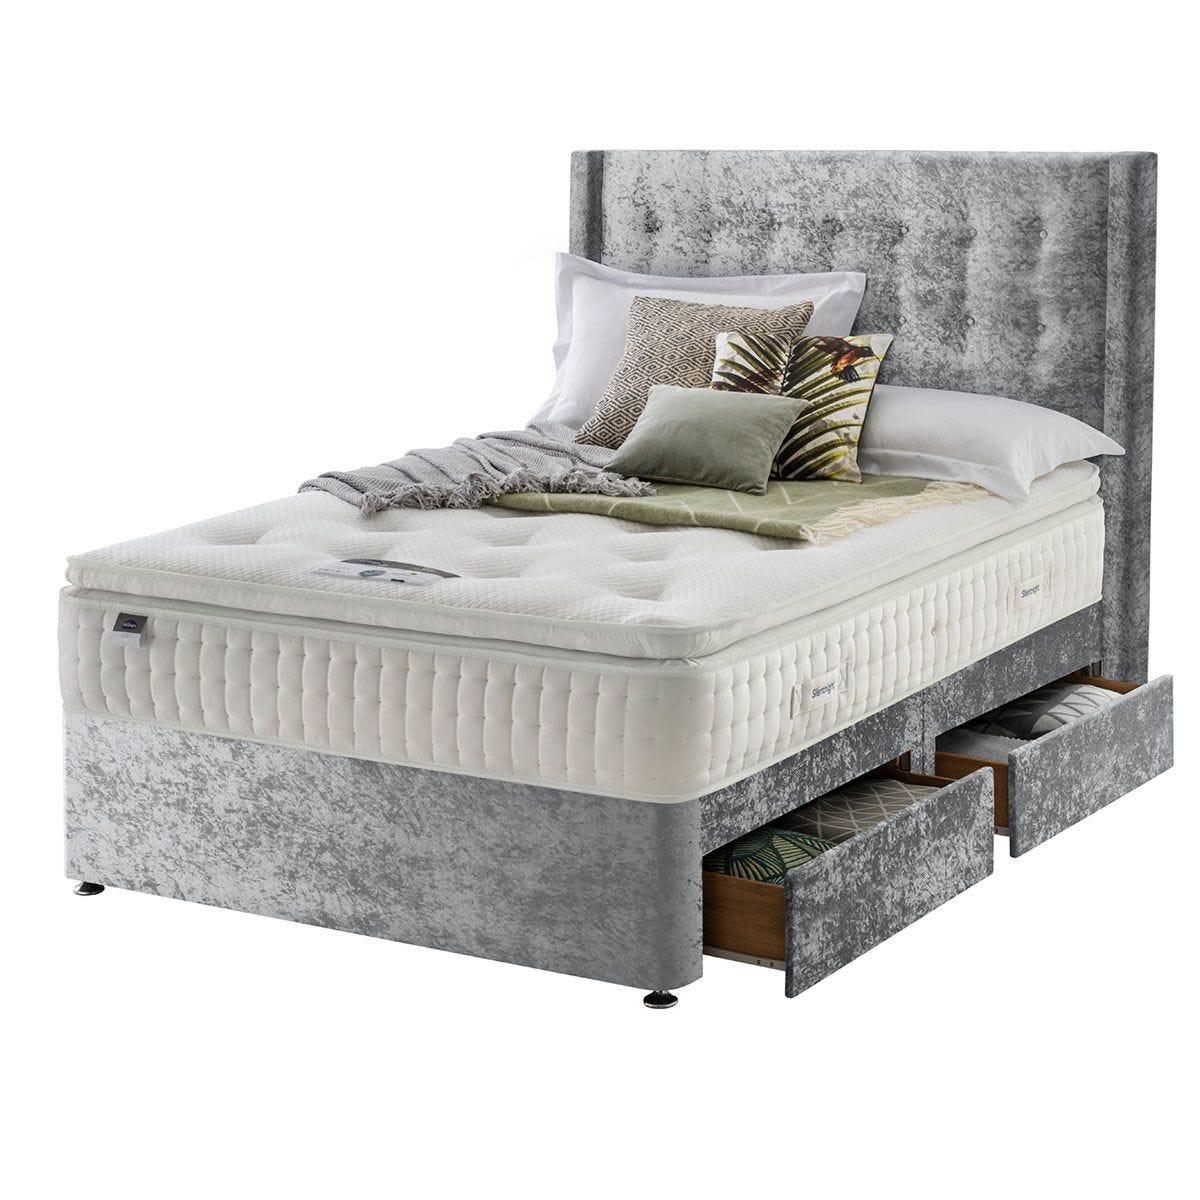 Silentnight Mirapocket Latex 1400 4-Drawer Divan Bed - Crushed Velvet Light Grey Double